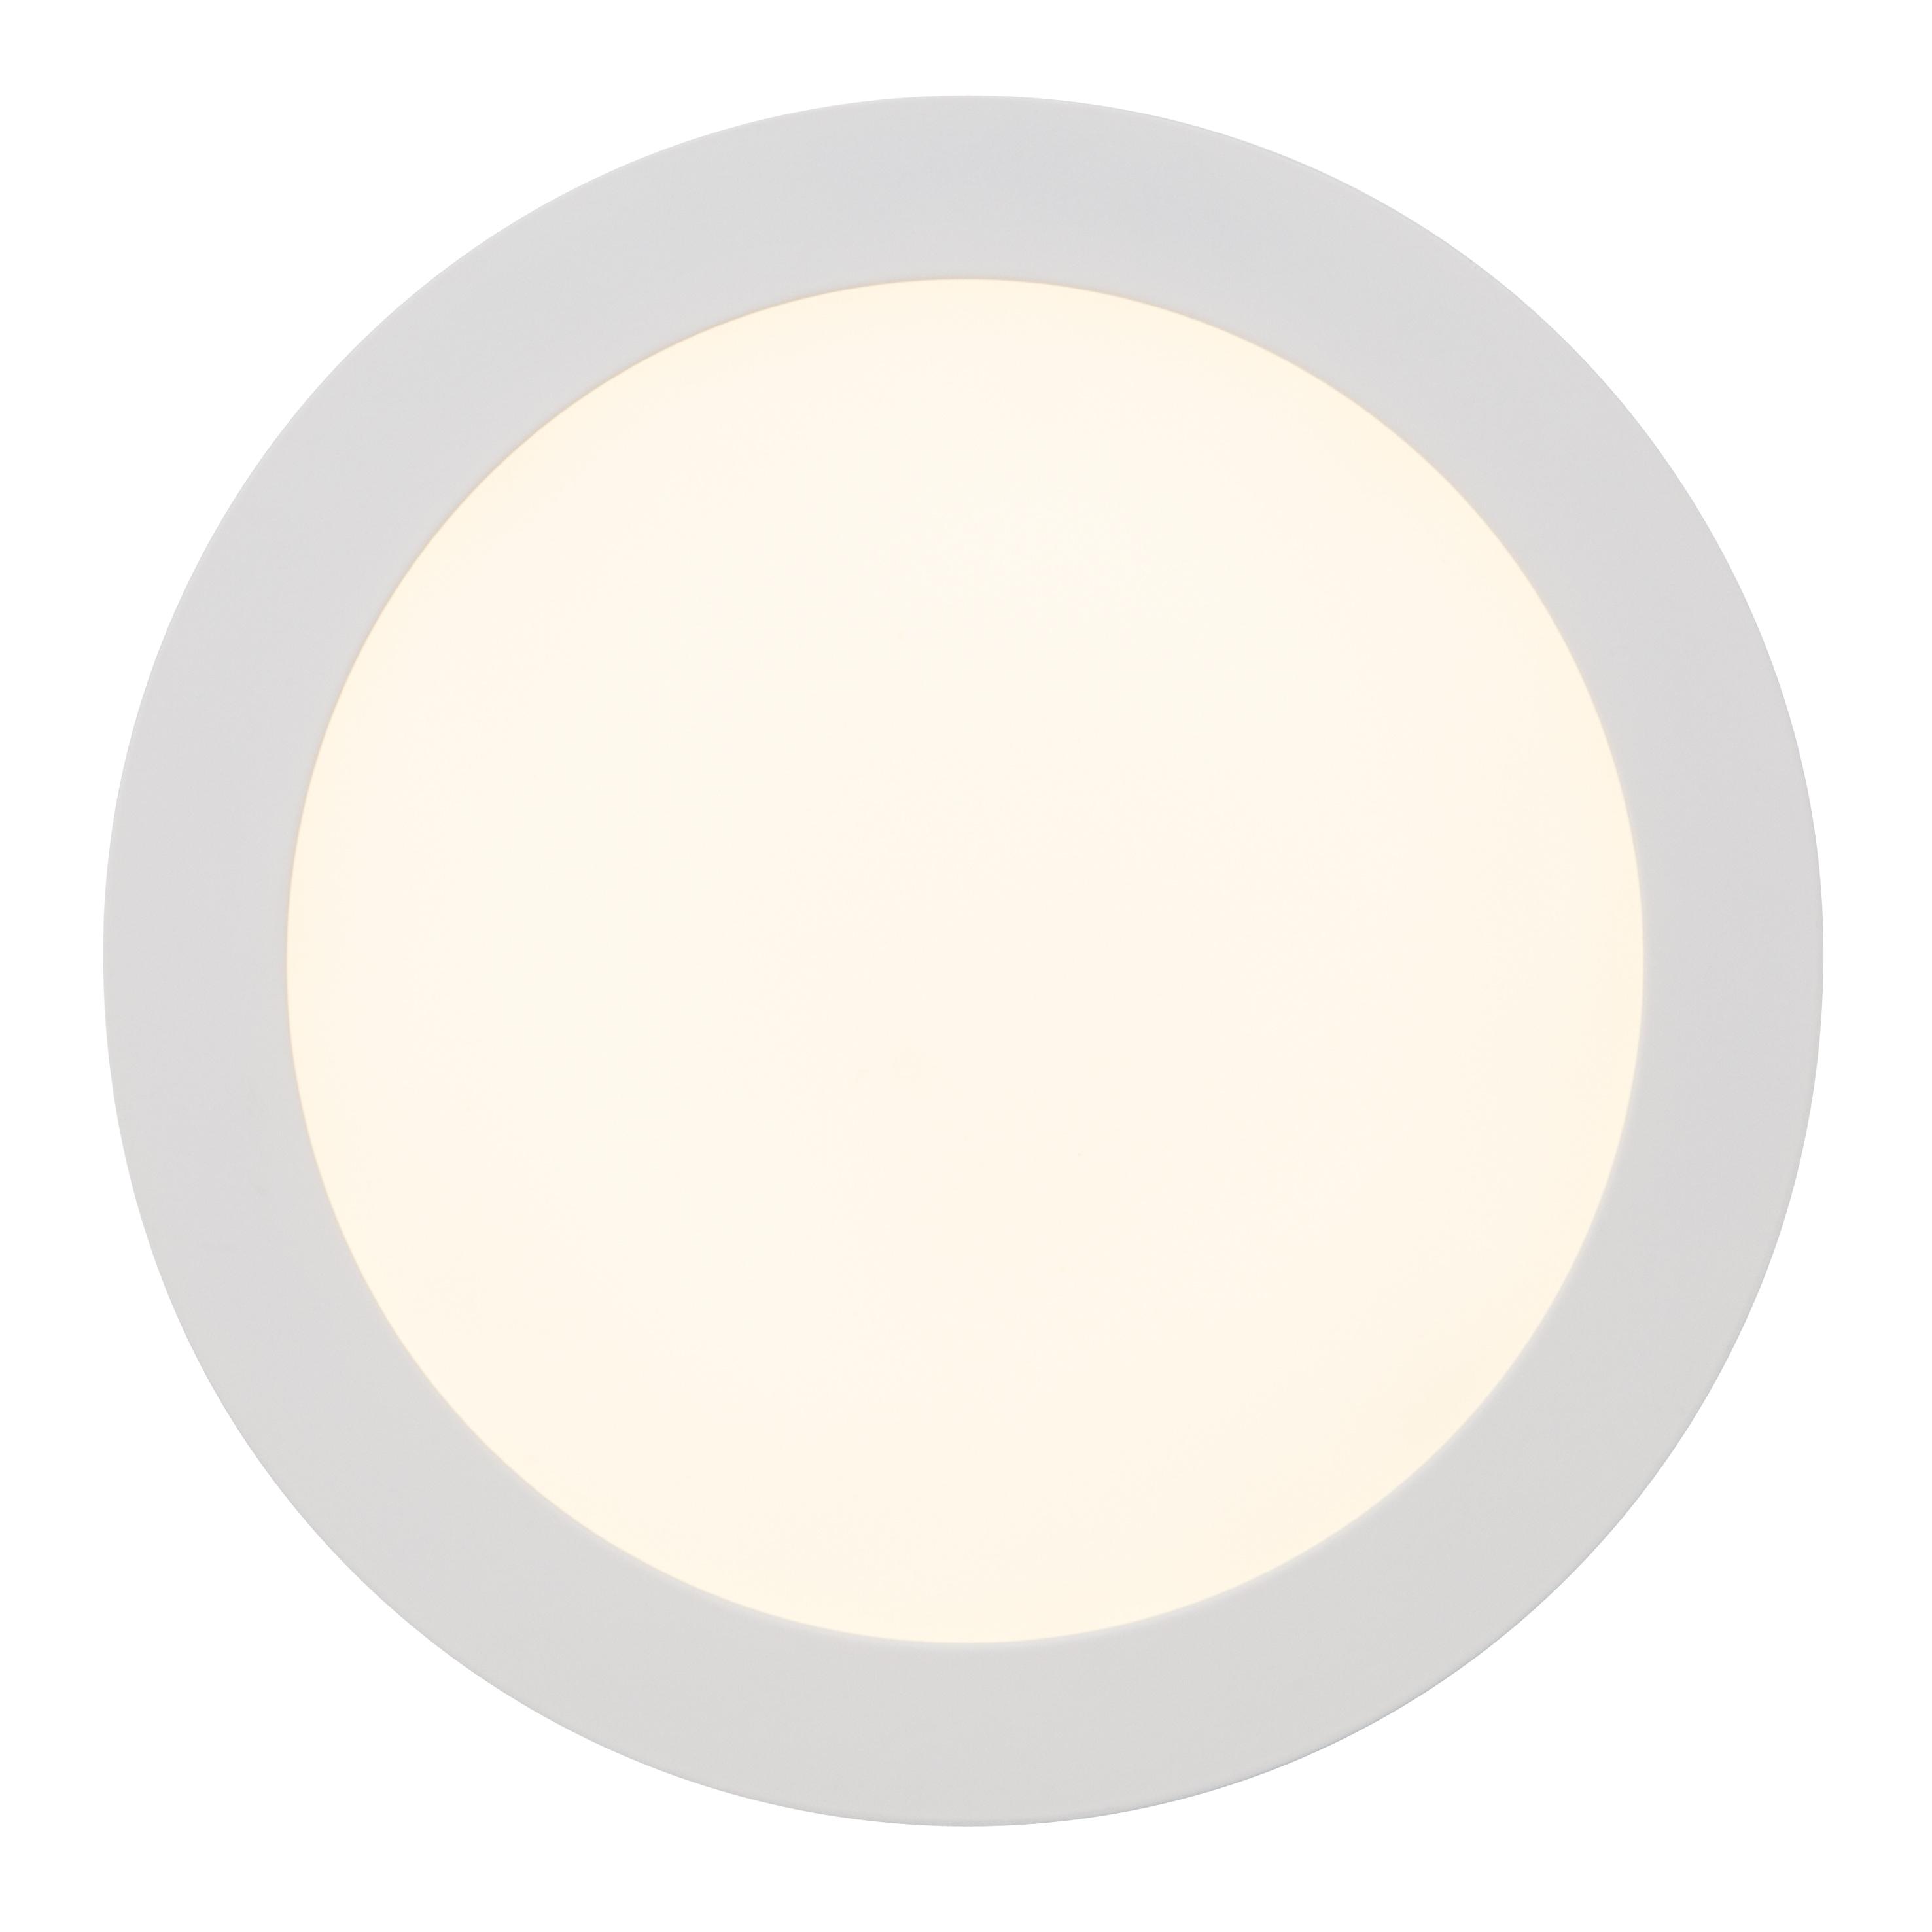 Brilliant Leuchten Laureen LED Einbauleuchte 23cm fest weiÃY